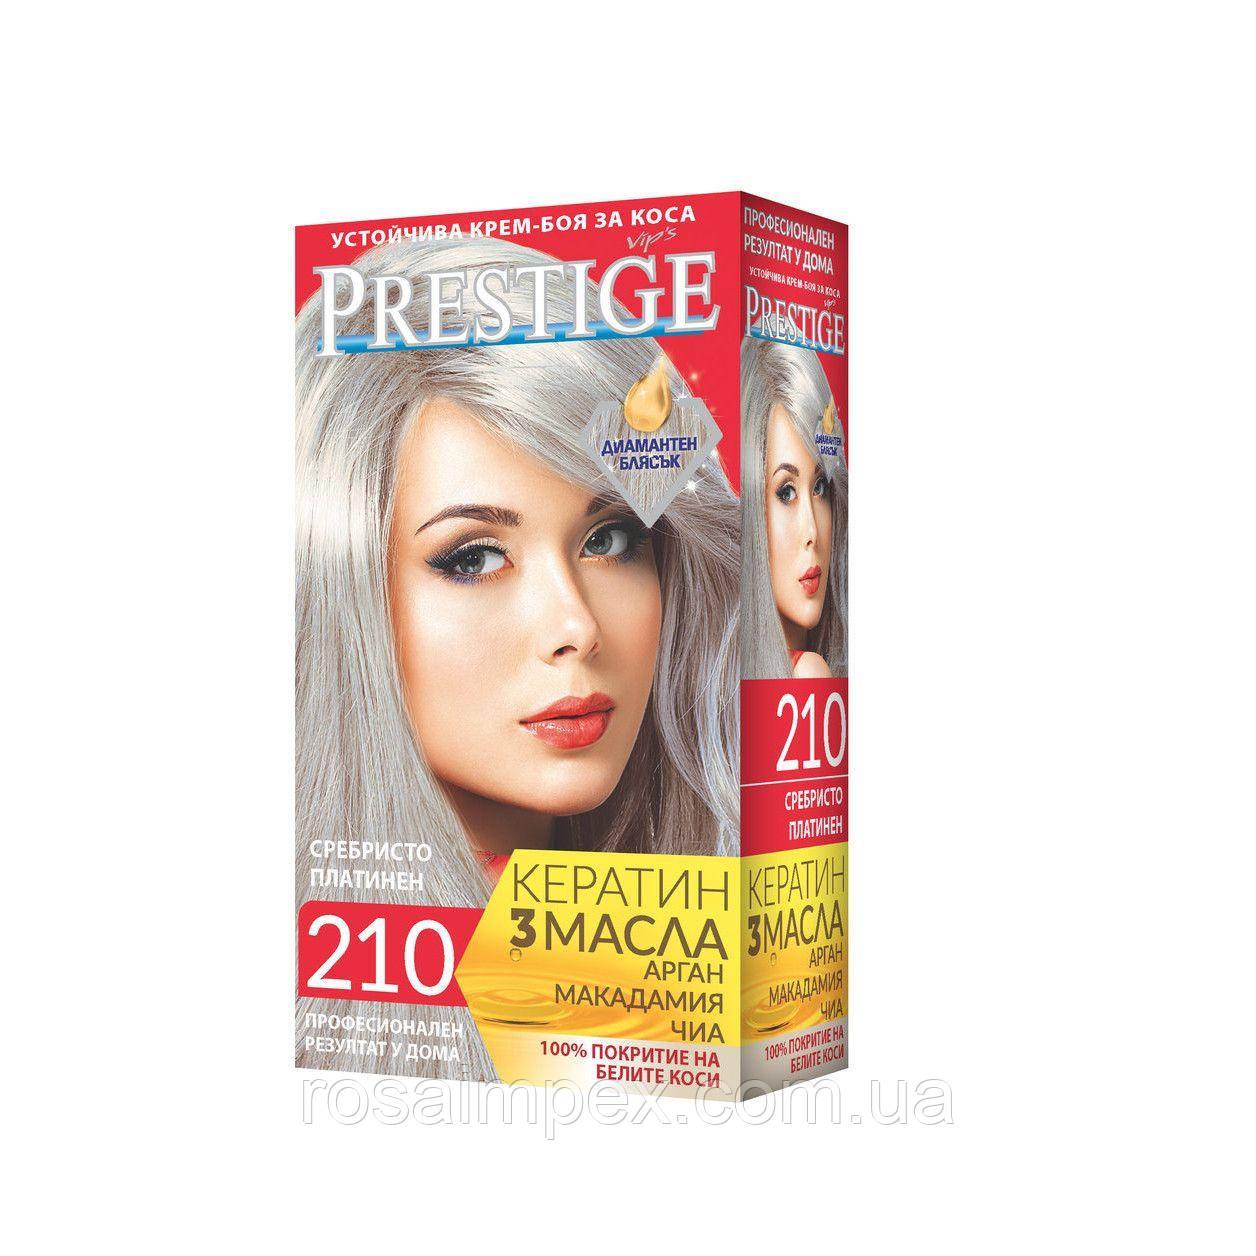 Стійка фарба для волосся vip's Prestige №210 Сріблясто-платиновий